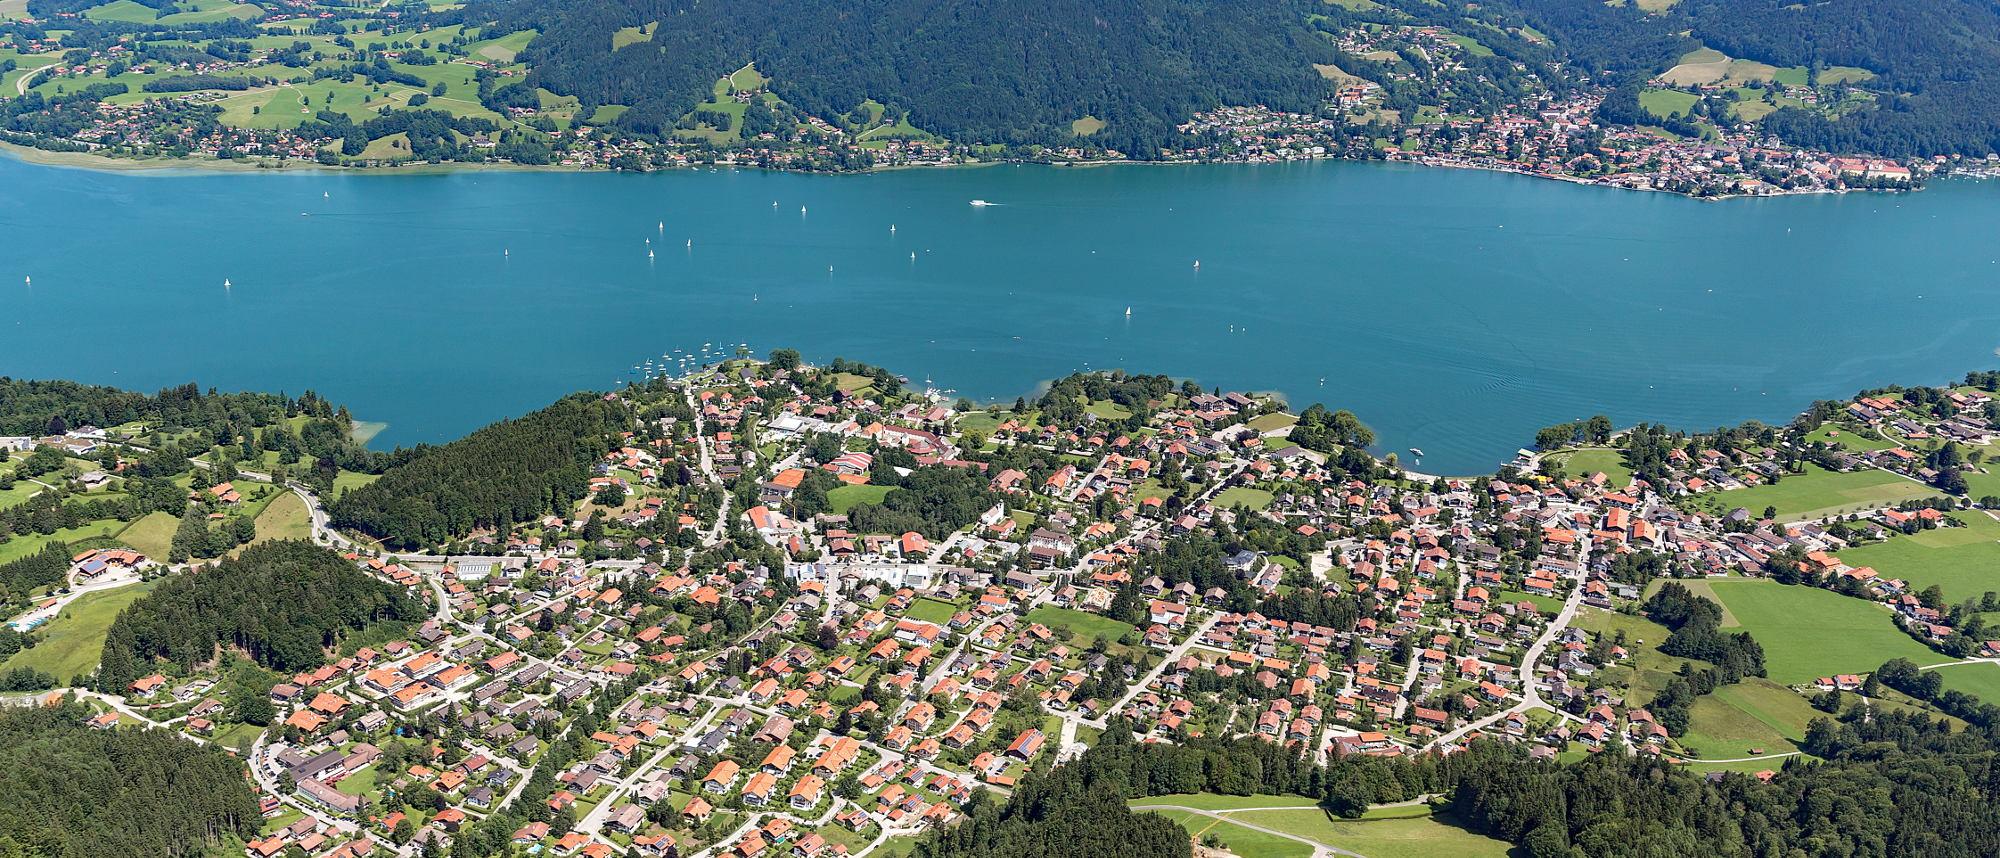 Německé lázeňské město Bad Wiessee odmítá 5G